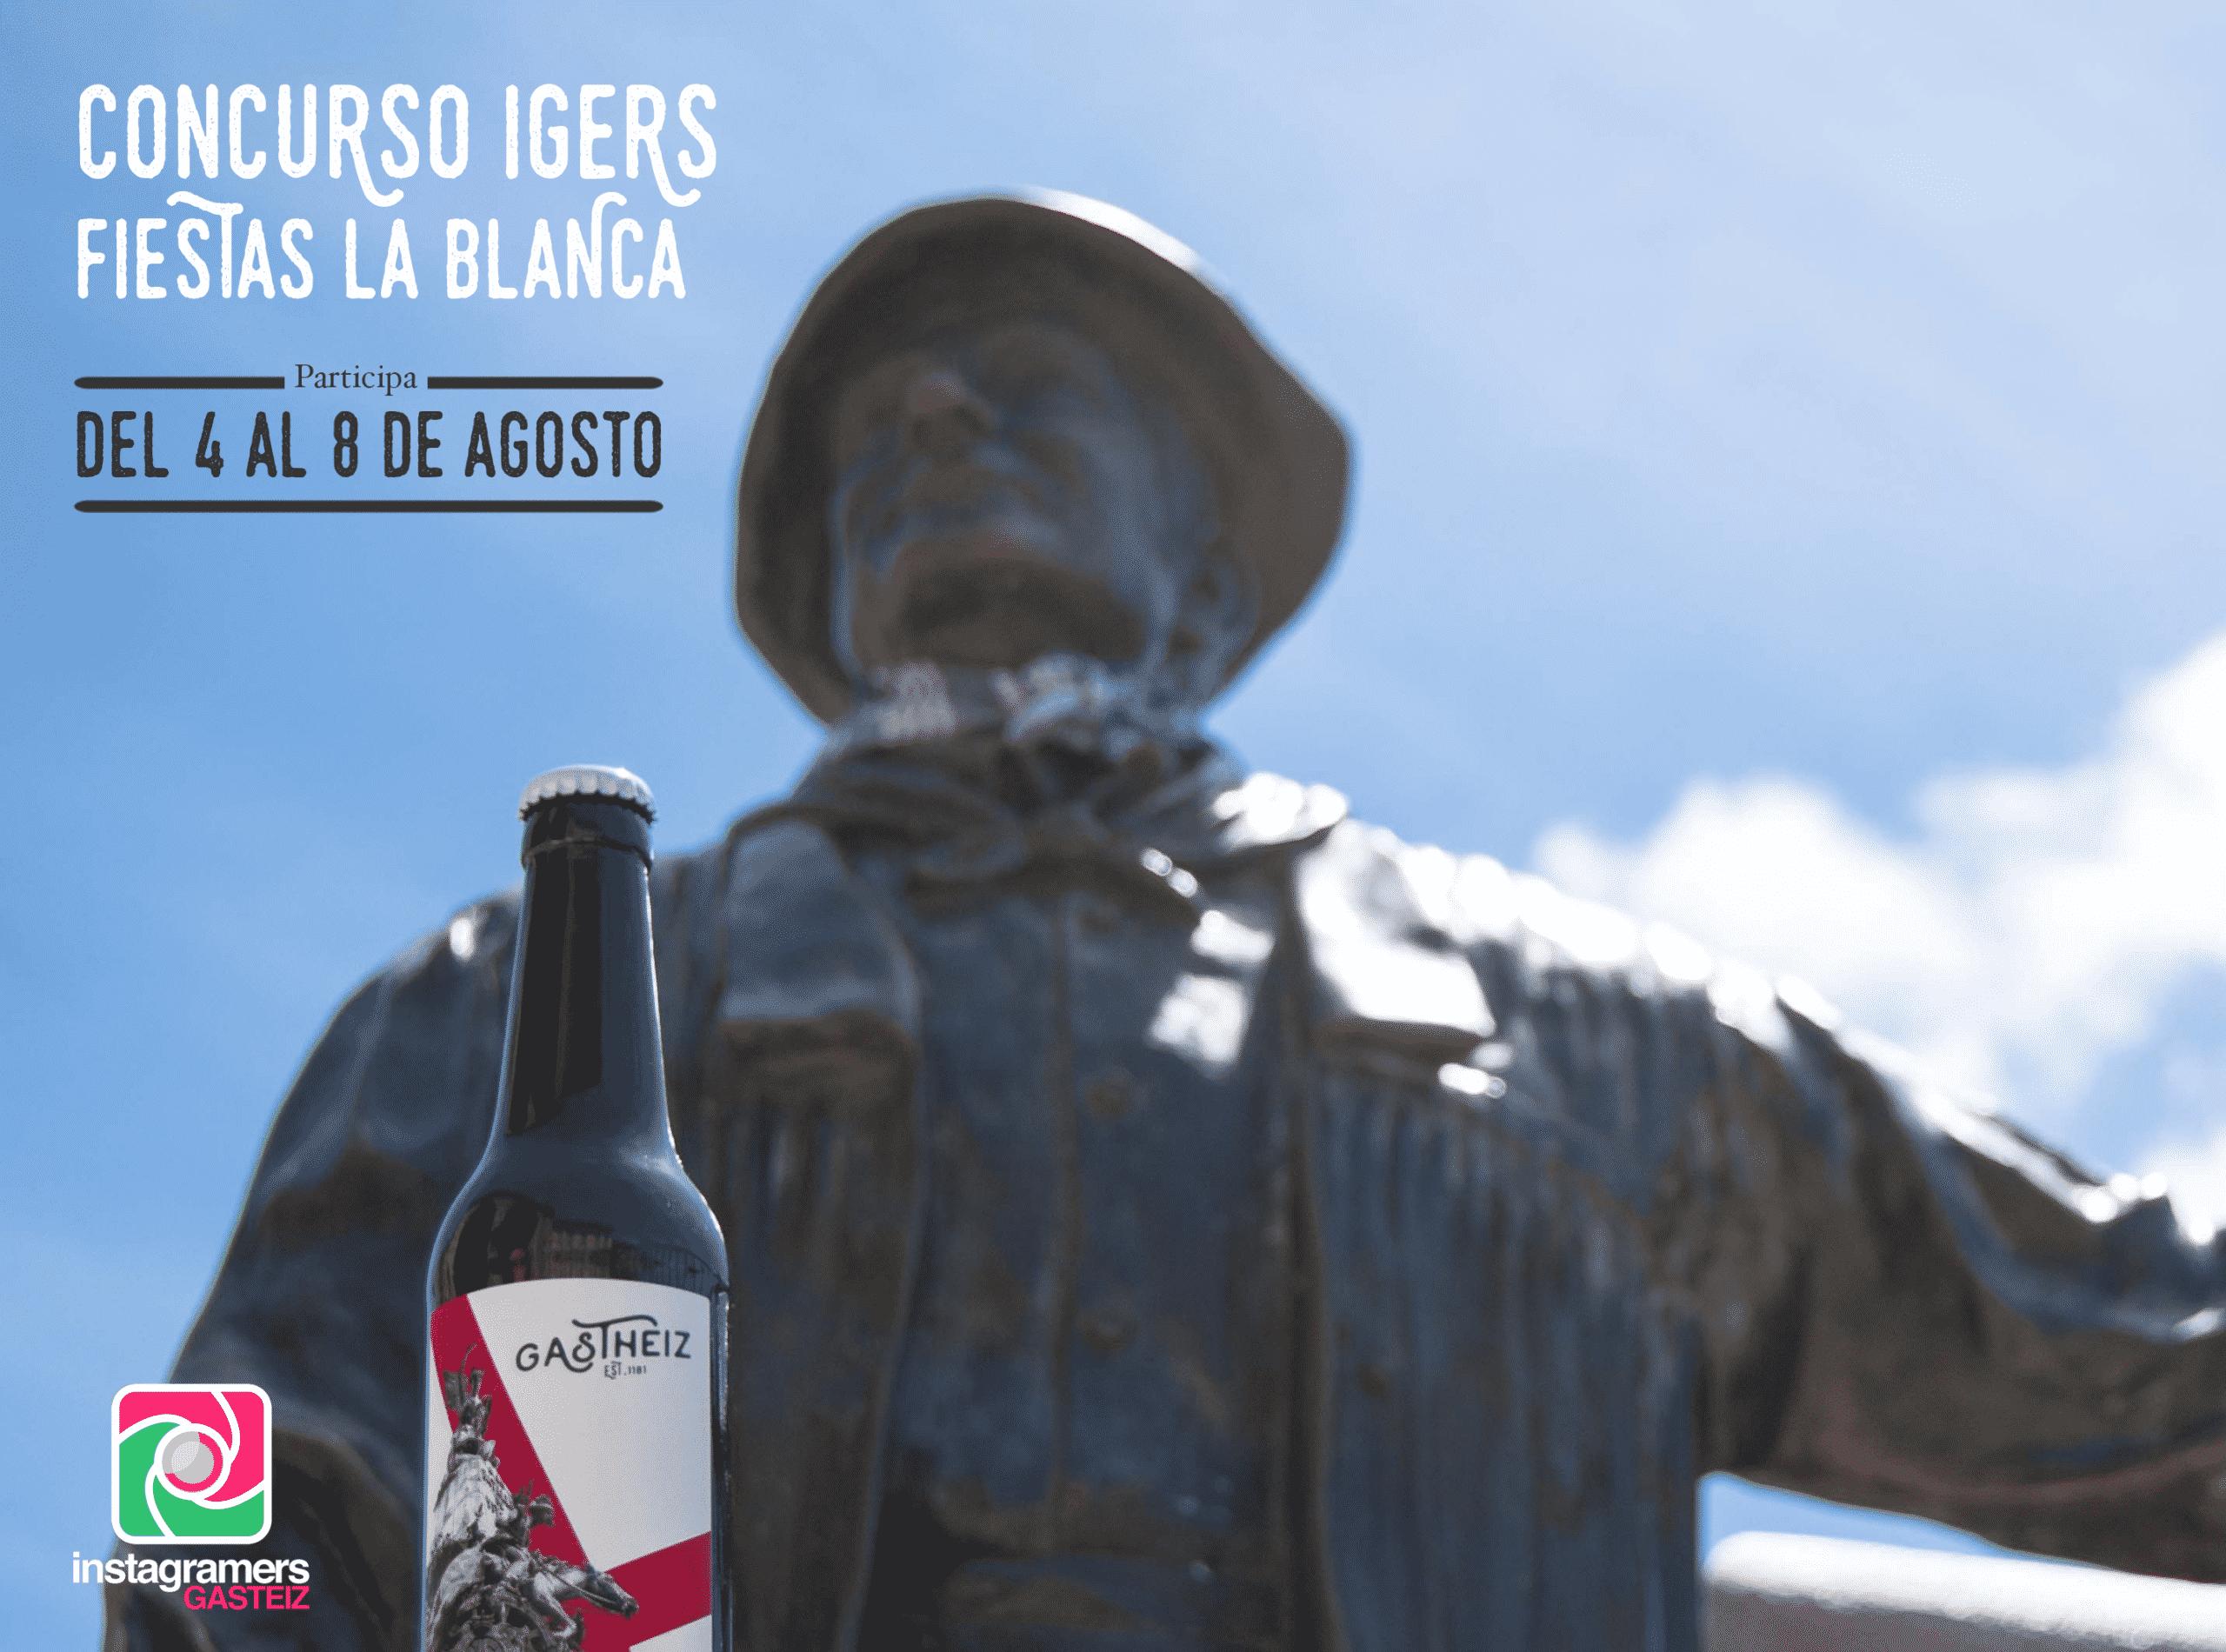 Celebramos #LaBlanca2017 con @Gastheiz por el orgullo de ser alavés.